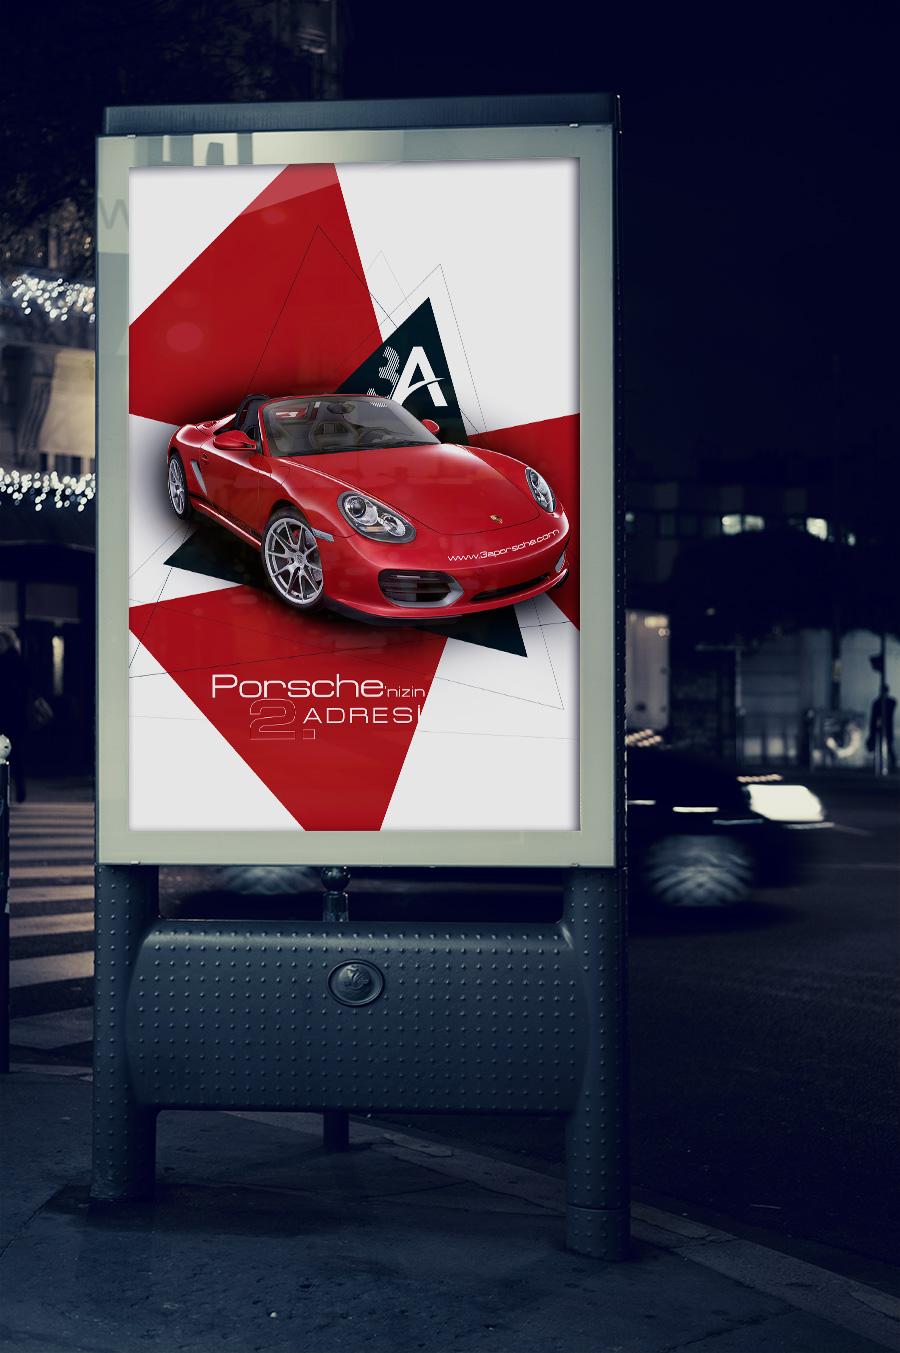 3a porsche raket poster tasarımı